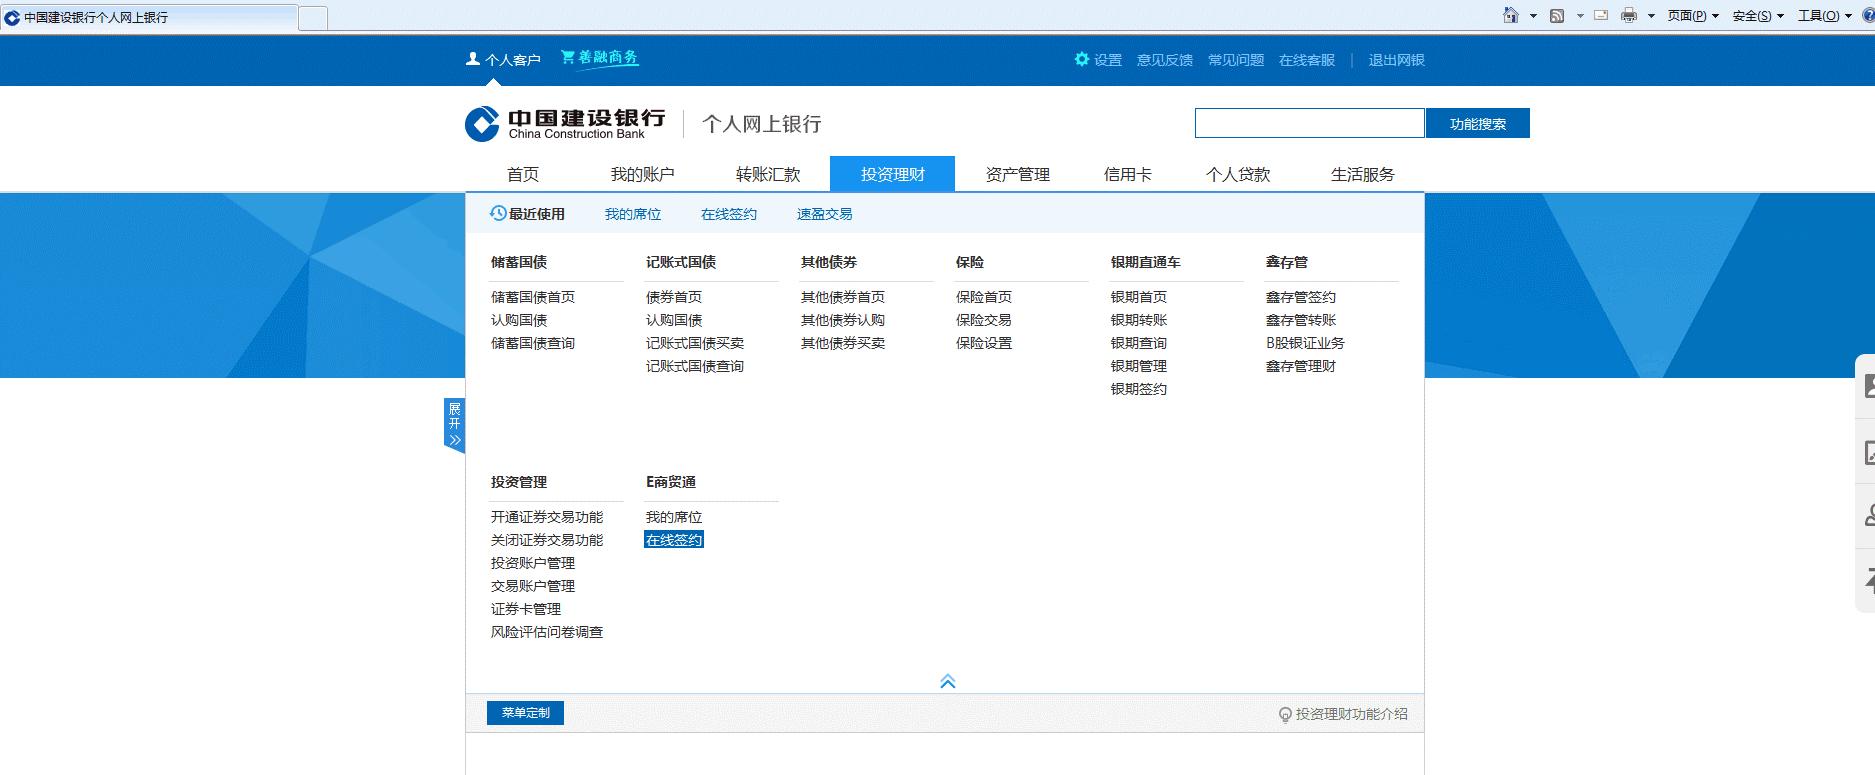 ccb.com.cn/ccbis/v6/sty1/cn/login.jsp (点击进去后,首页如下图.